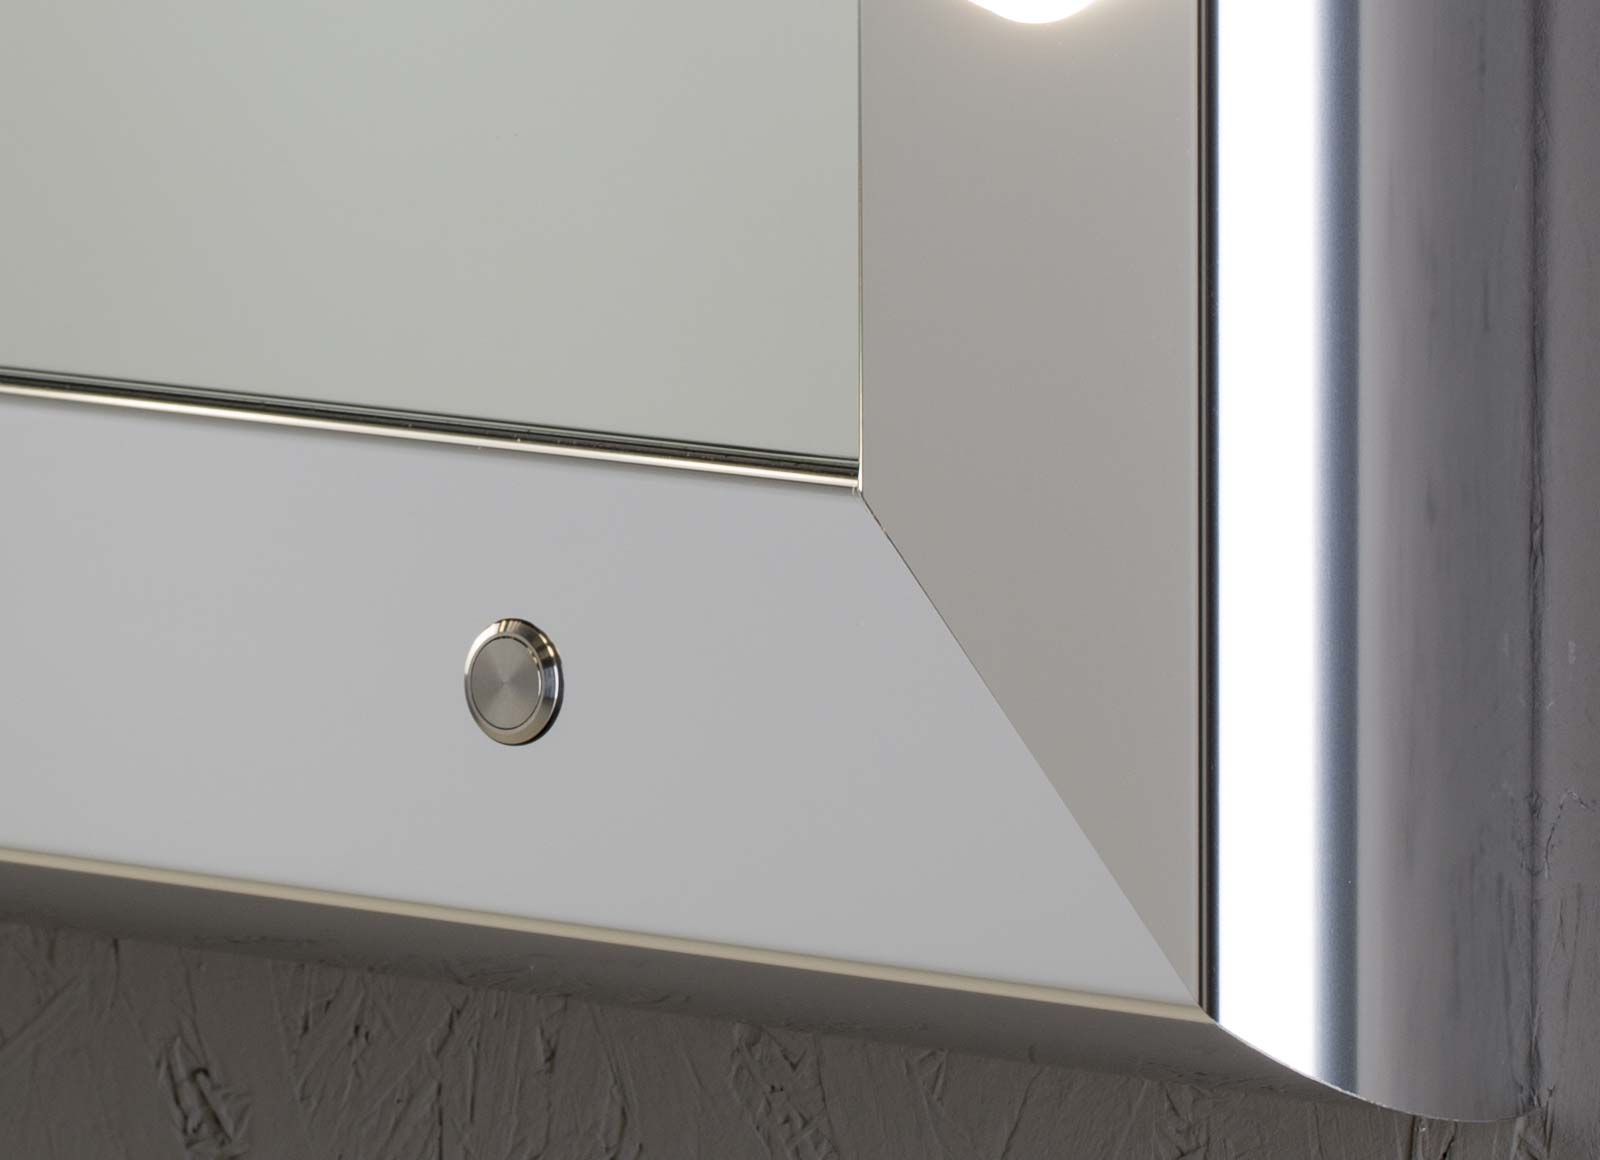 Specchi con luci di design della linea sp unica by cantoni